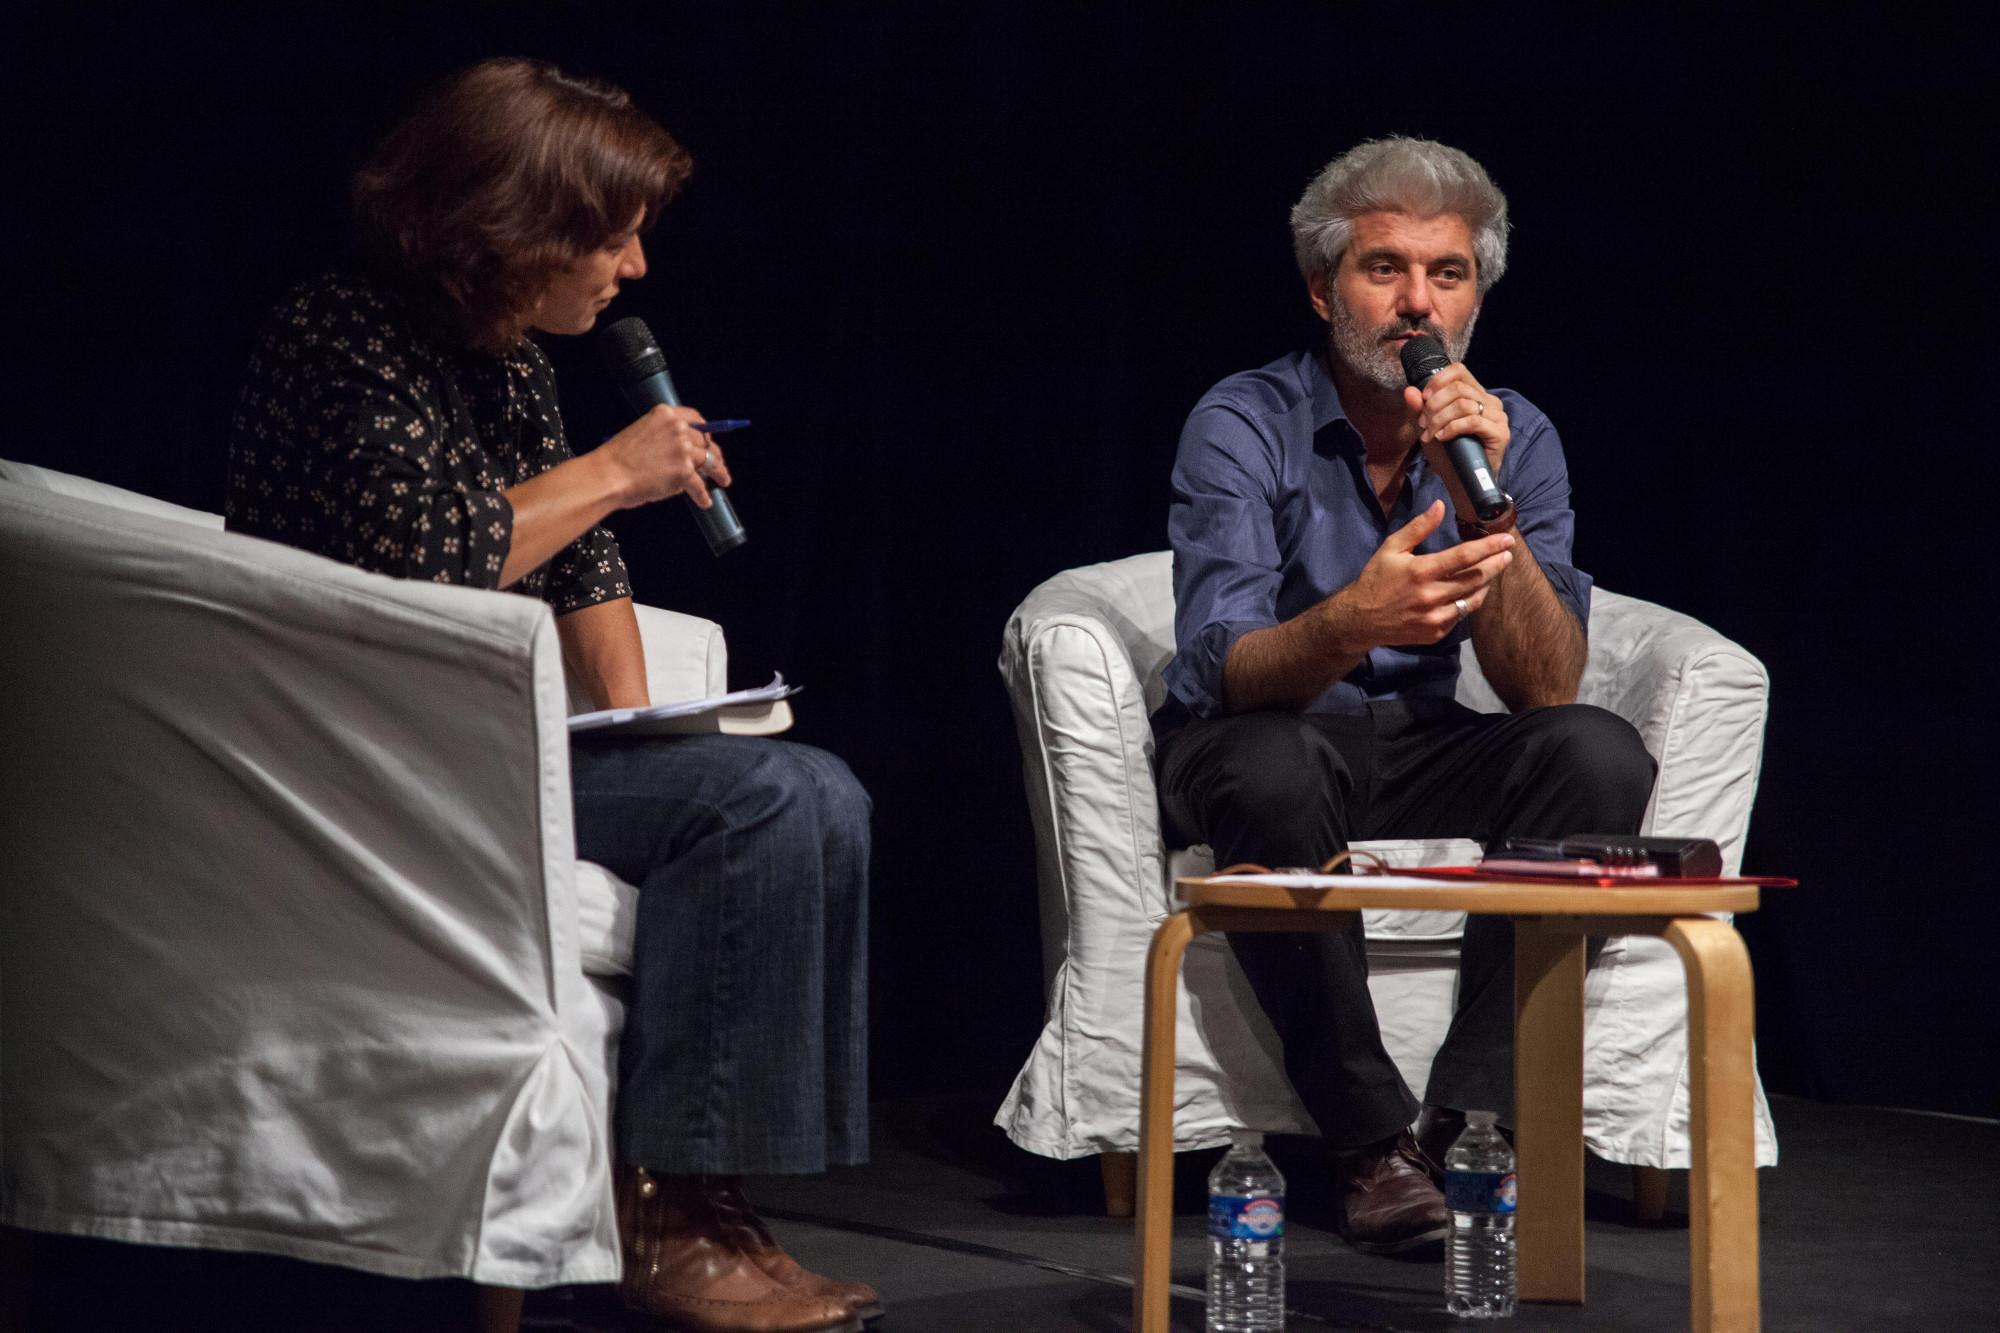 Laurent Gaudé, l'écrivain surdoué aux multiples prix prestigieux, est très attendu dans le cadre du festival